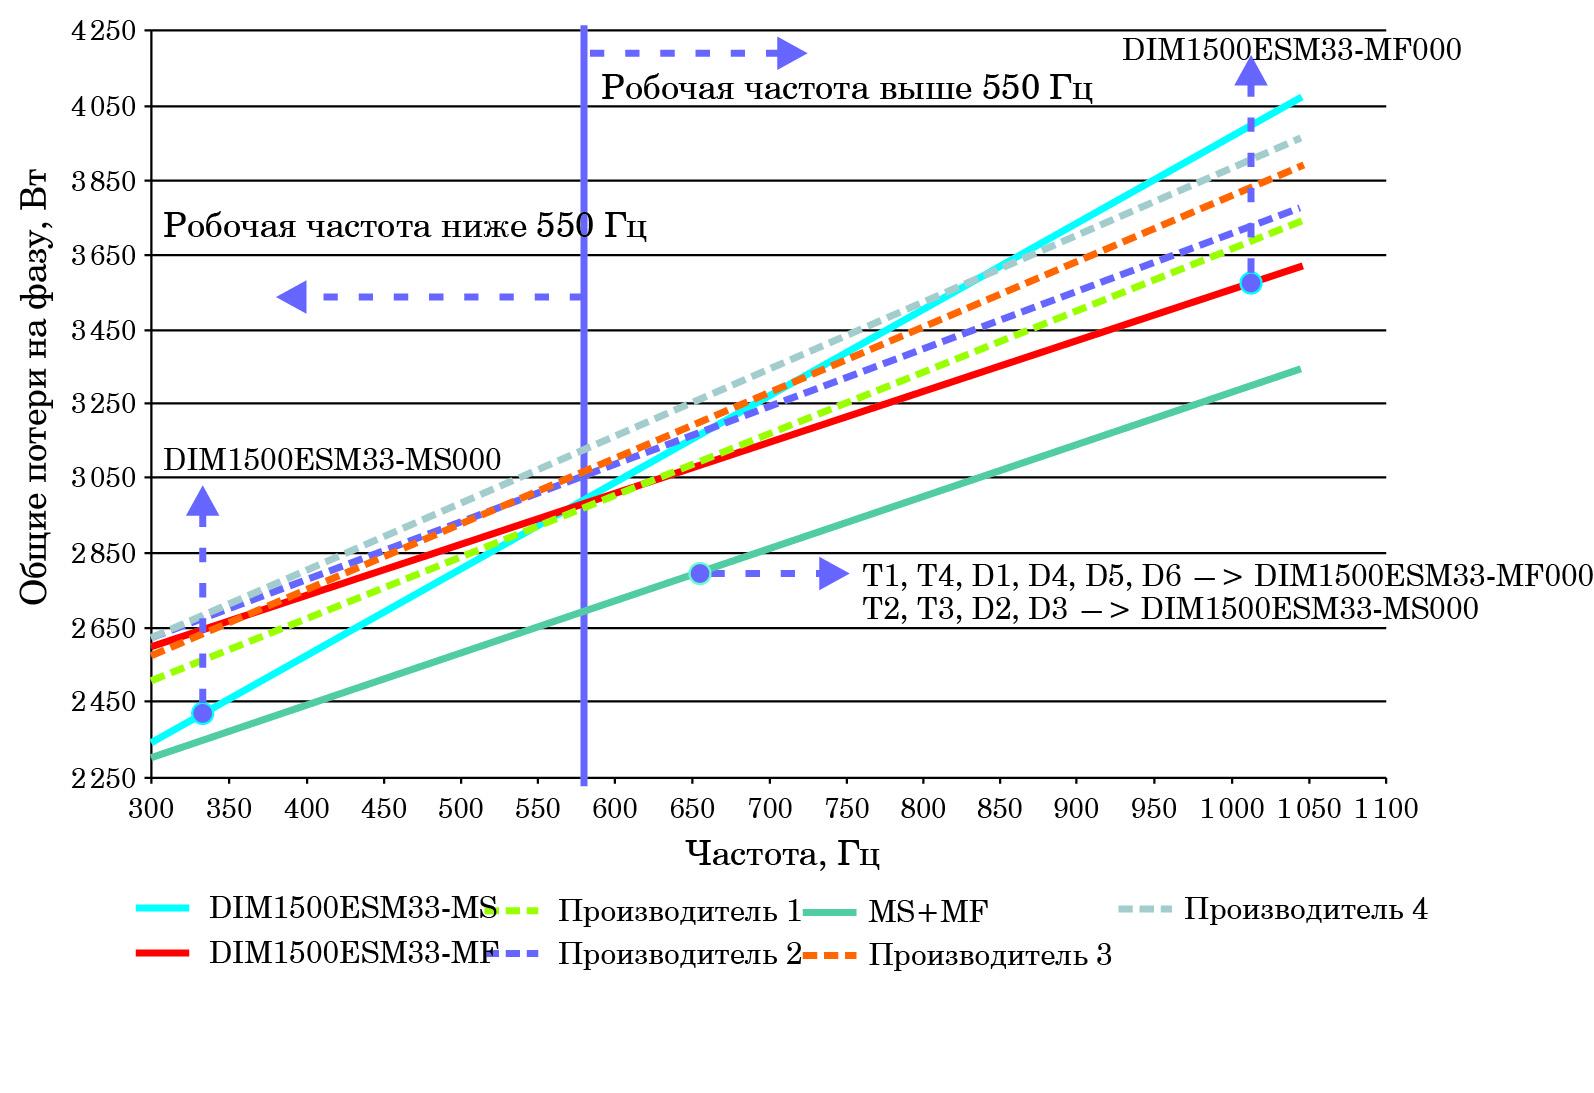 Зависимость потерь мощности от частоты для отдельных IGBT-модулей и их комбинации